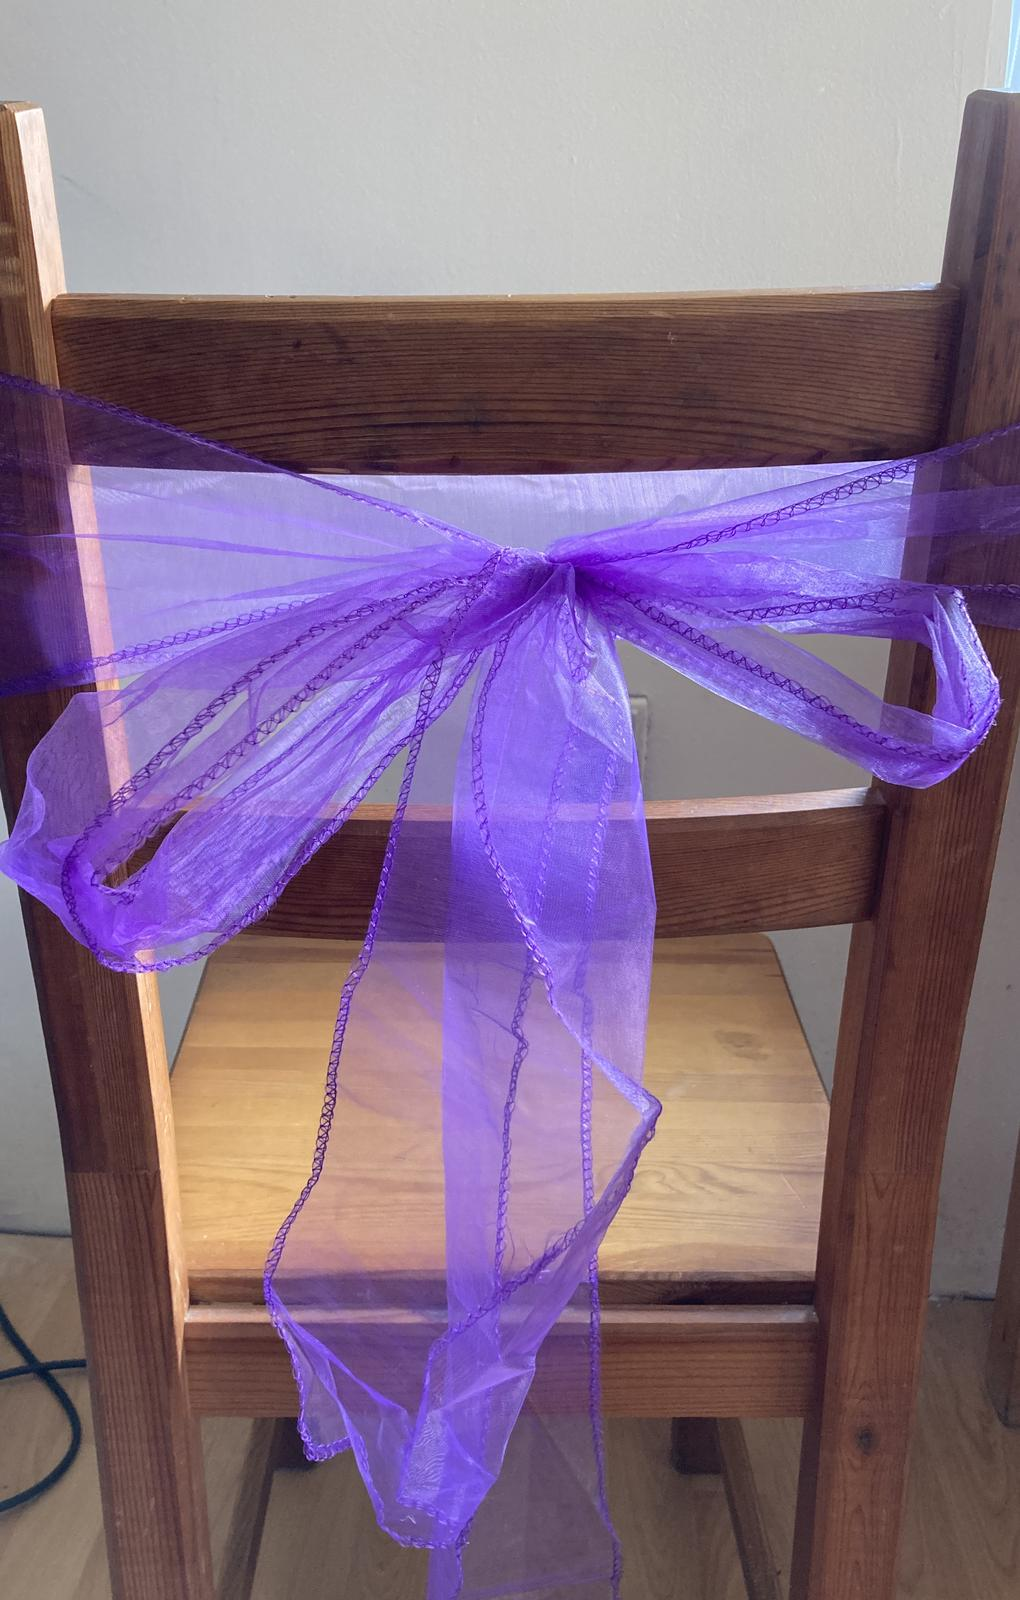 50x fialová mašle na židli - Obrázek č. 2